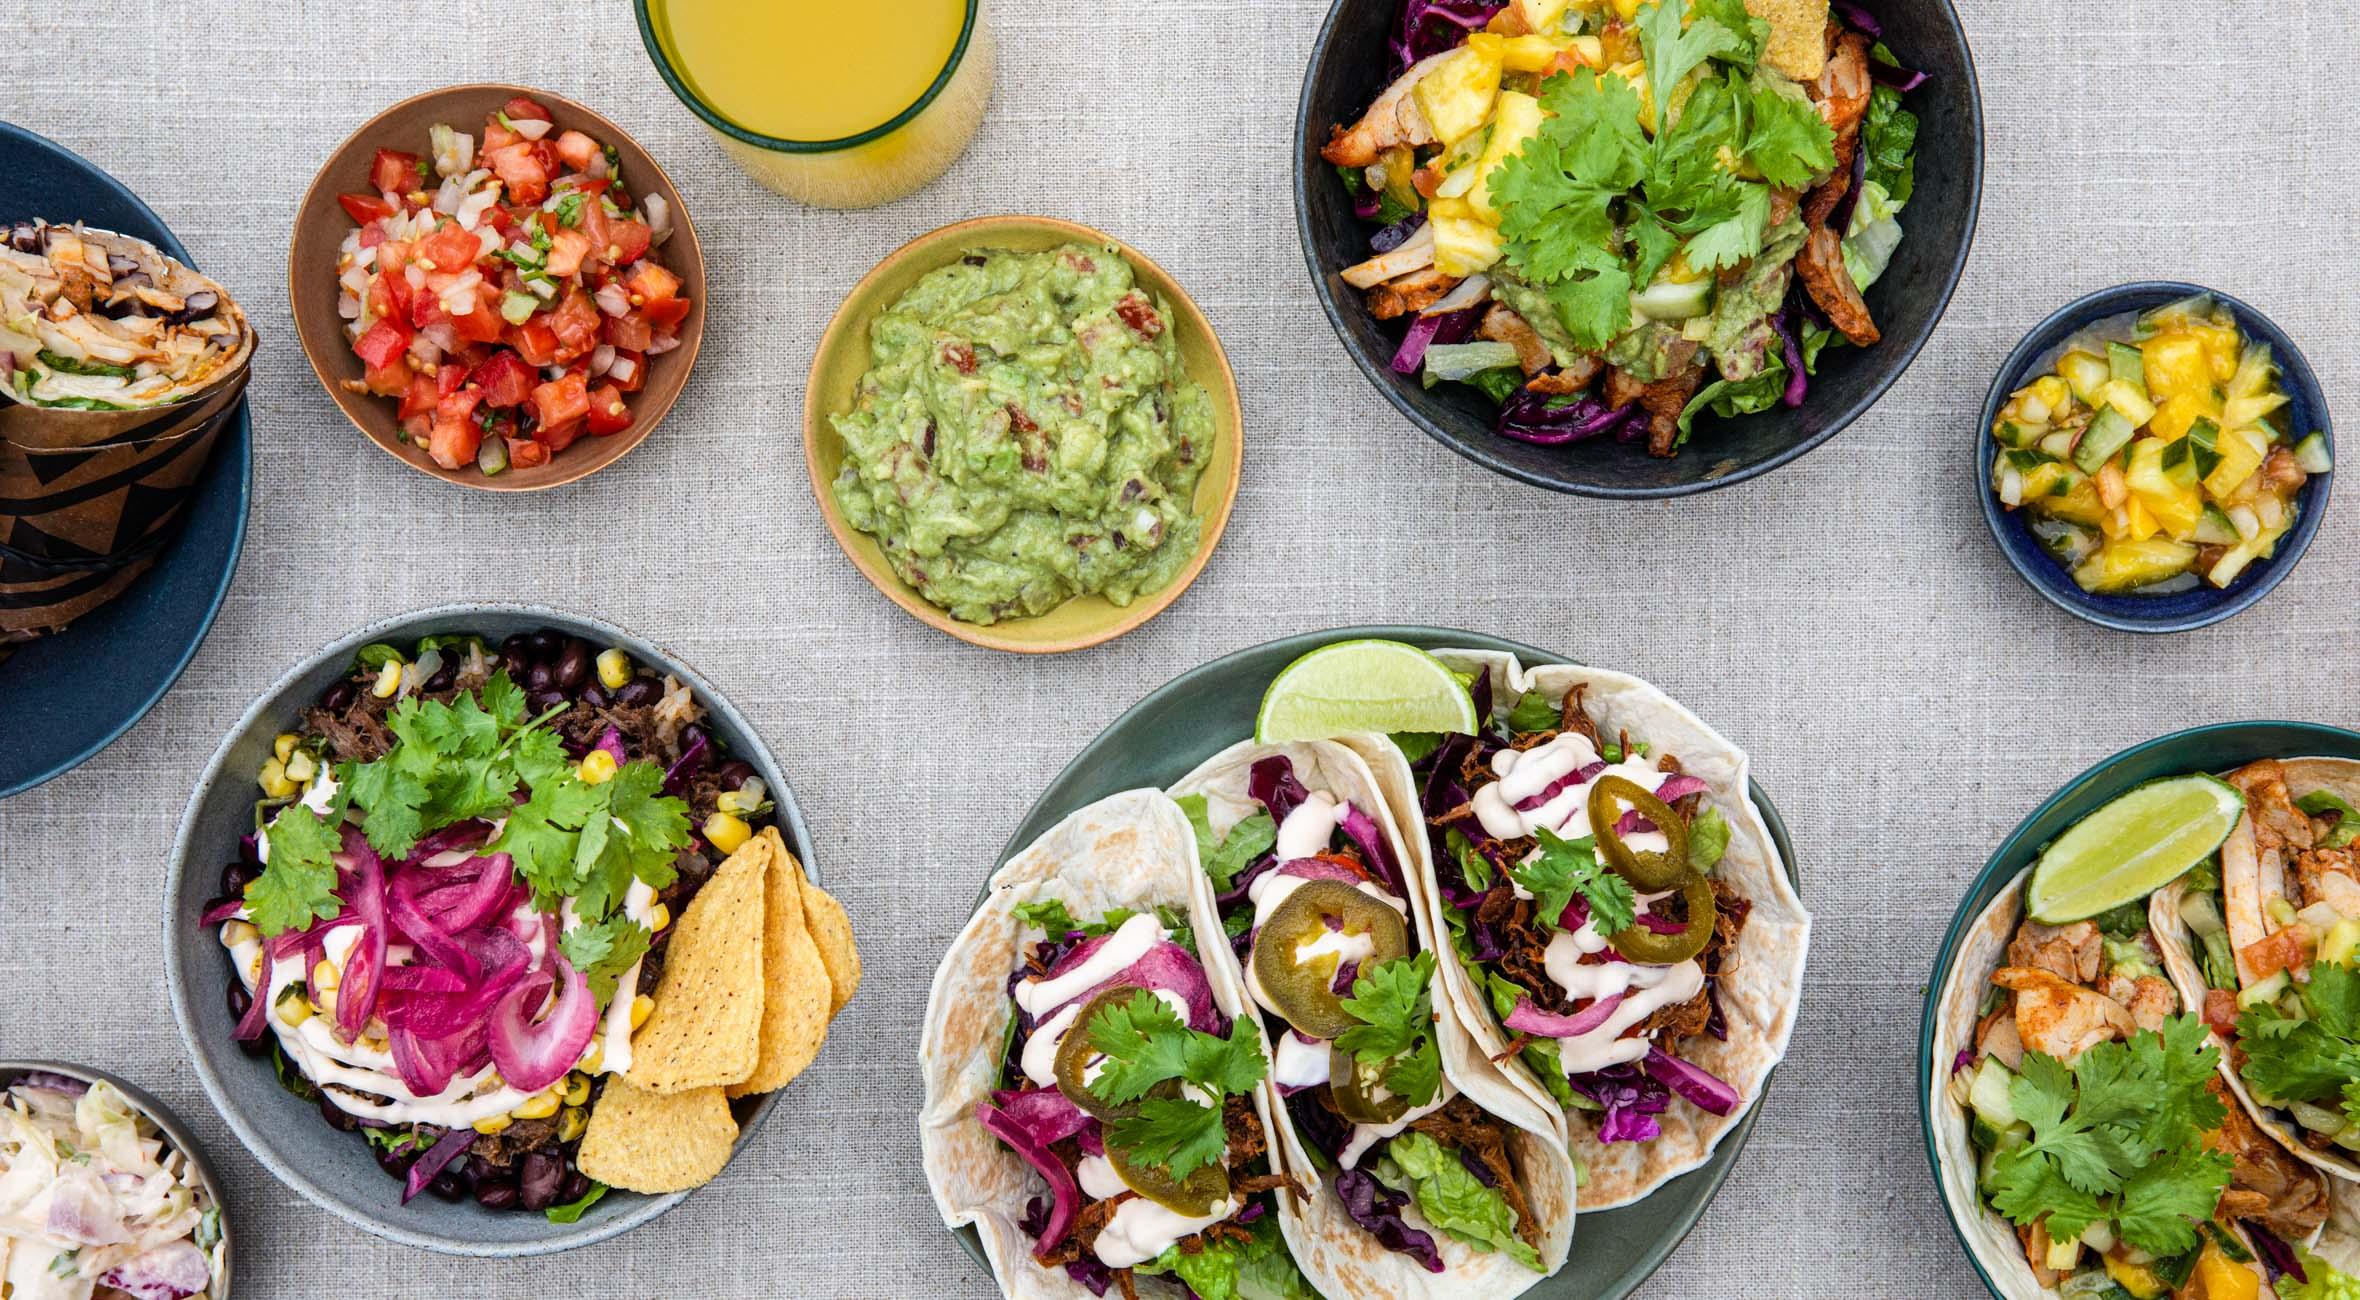 Mexican feast & drikke for 2 personer hos Zócalo i Tivoli Food Hall – Invitér venner & veninder på alt fra tacos til burritos og mexi-bowls